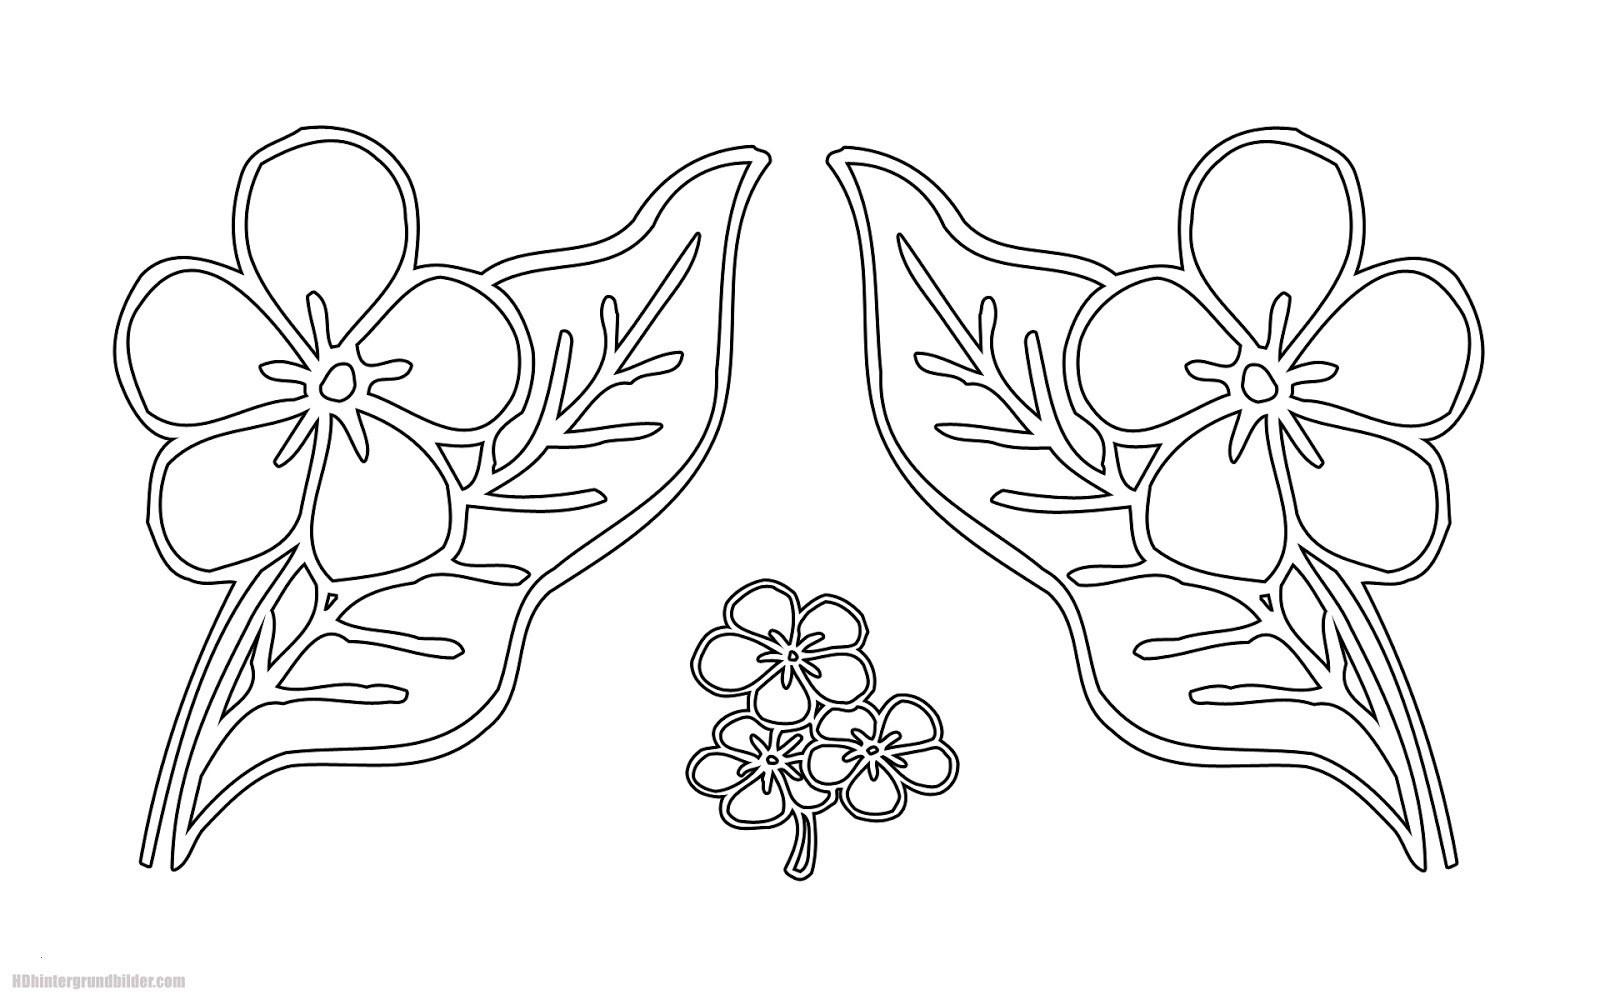 die besten ideen für ausmalbilder mandala rosen  beste